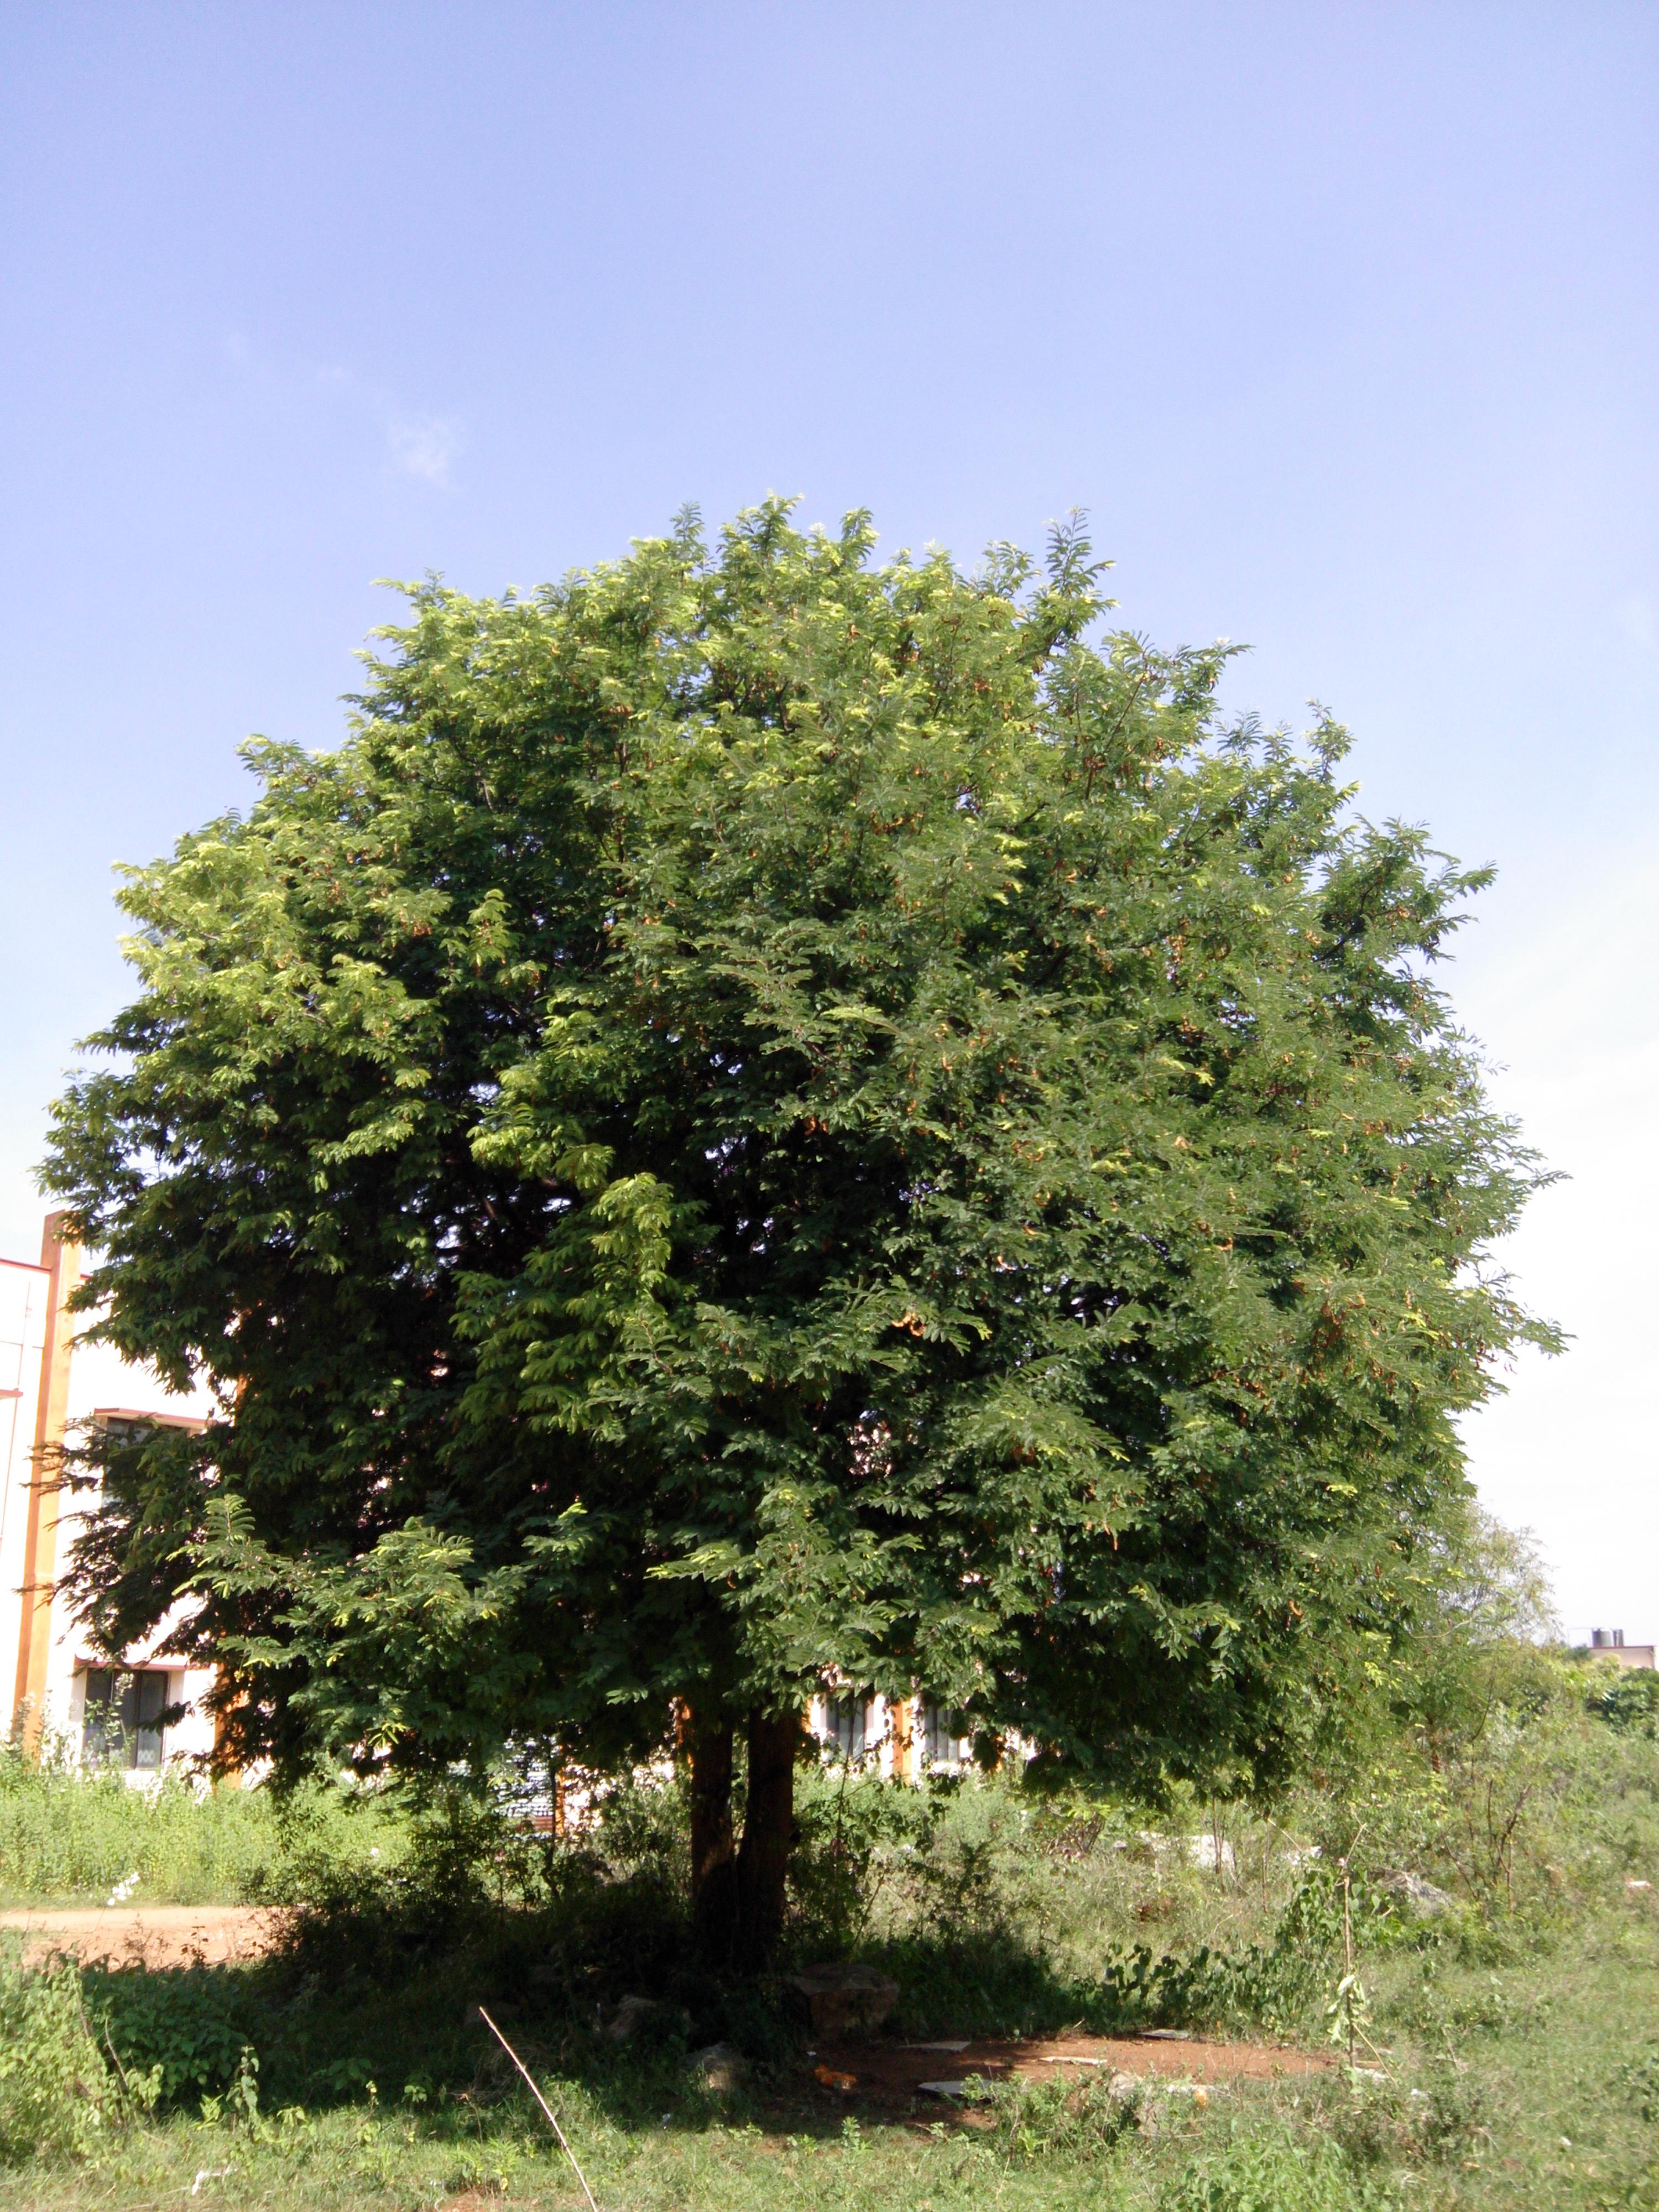 File:Tree of Tamarindus indica, Salem, Tamil Nadu, India jpg